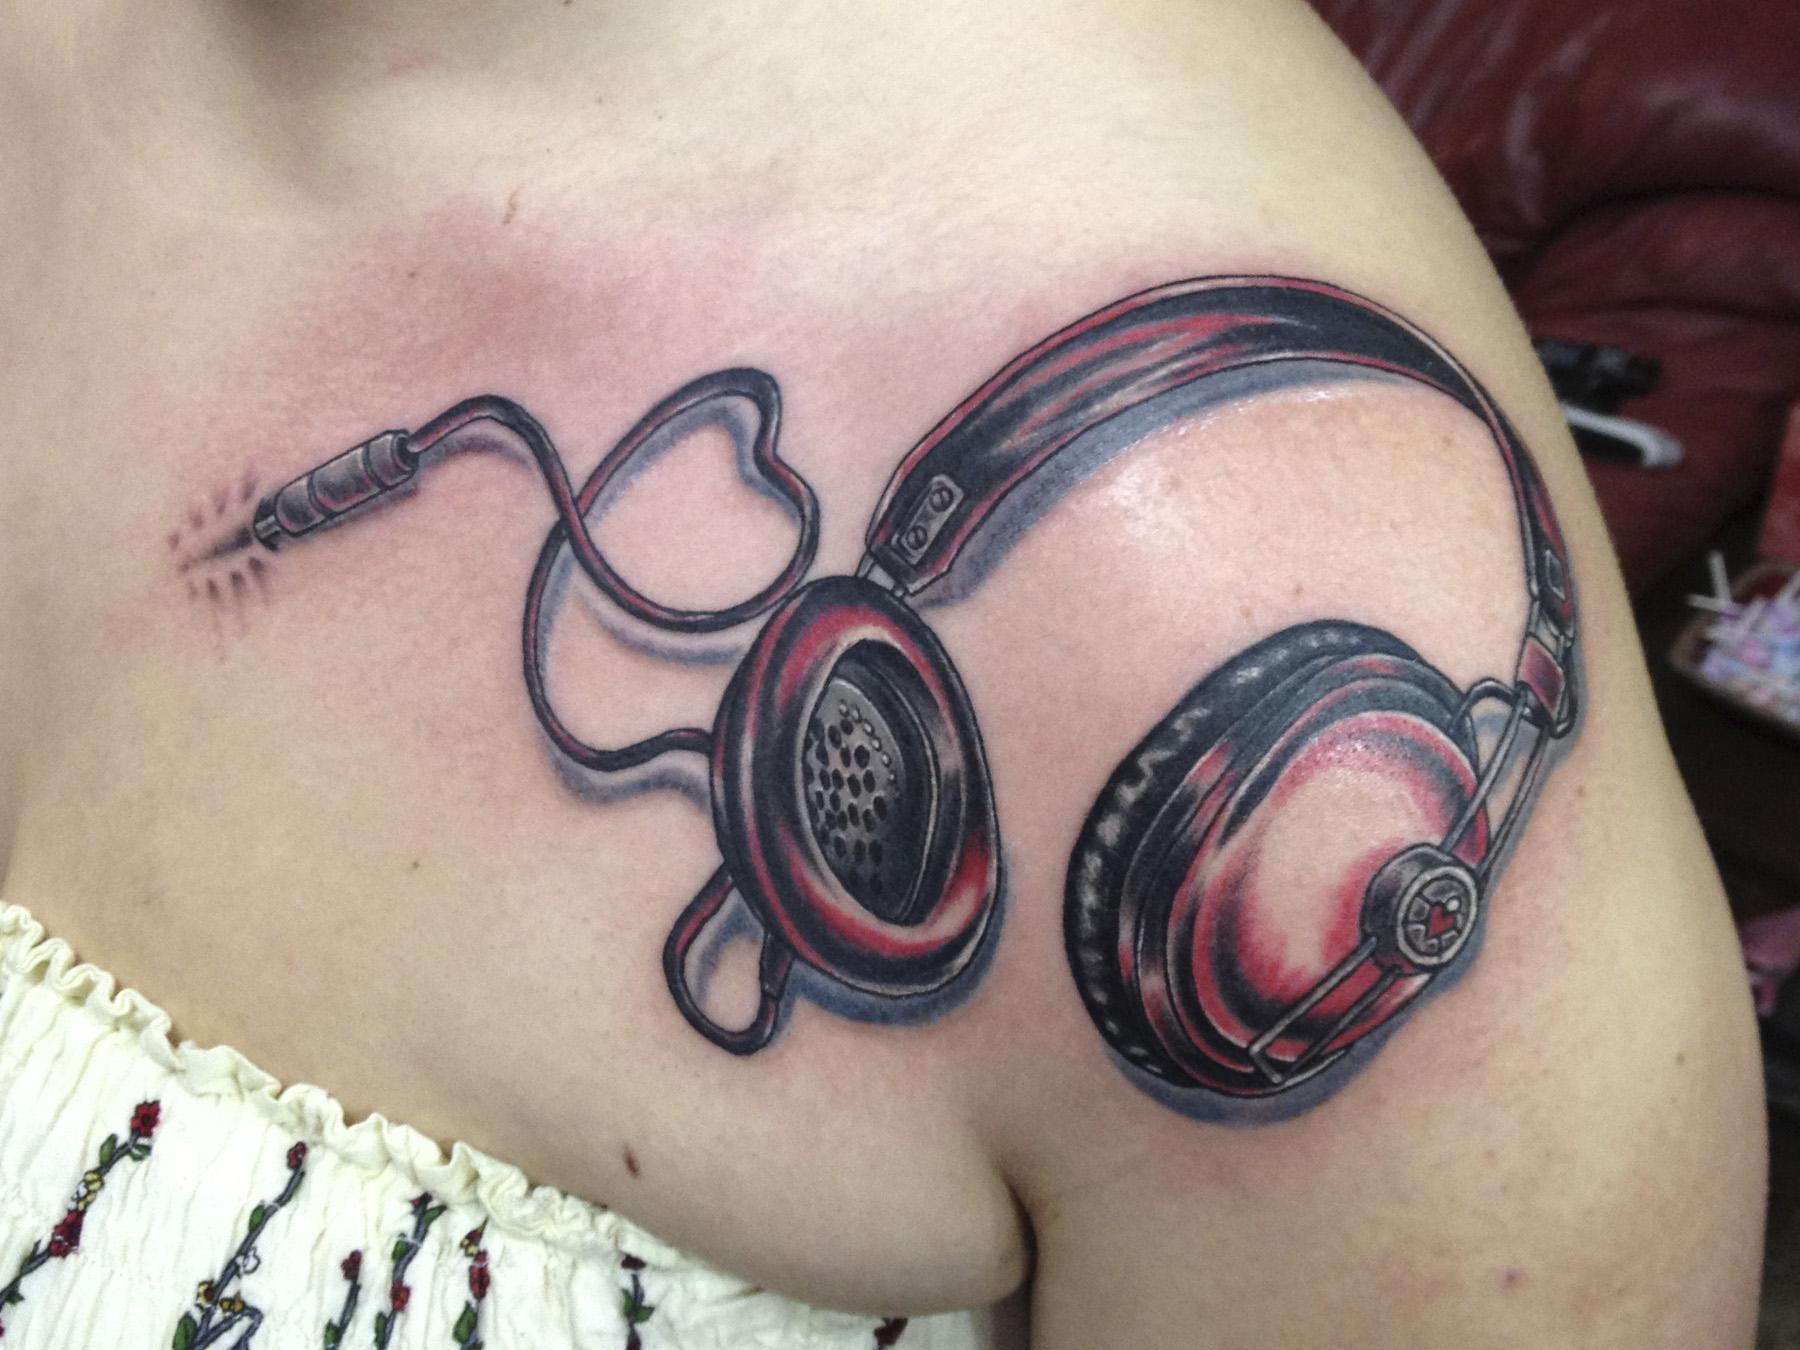 headphones on shoulder